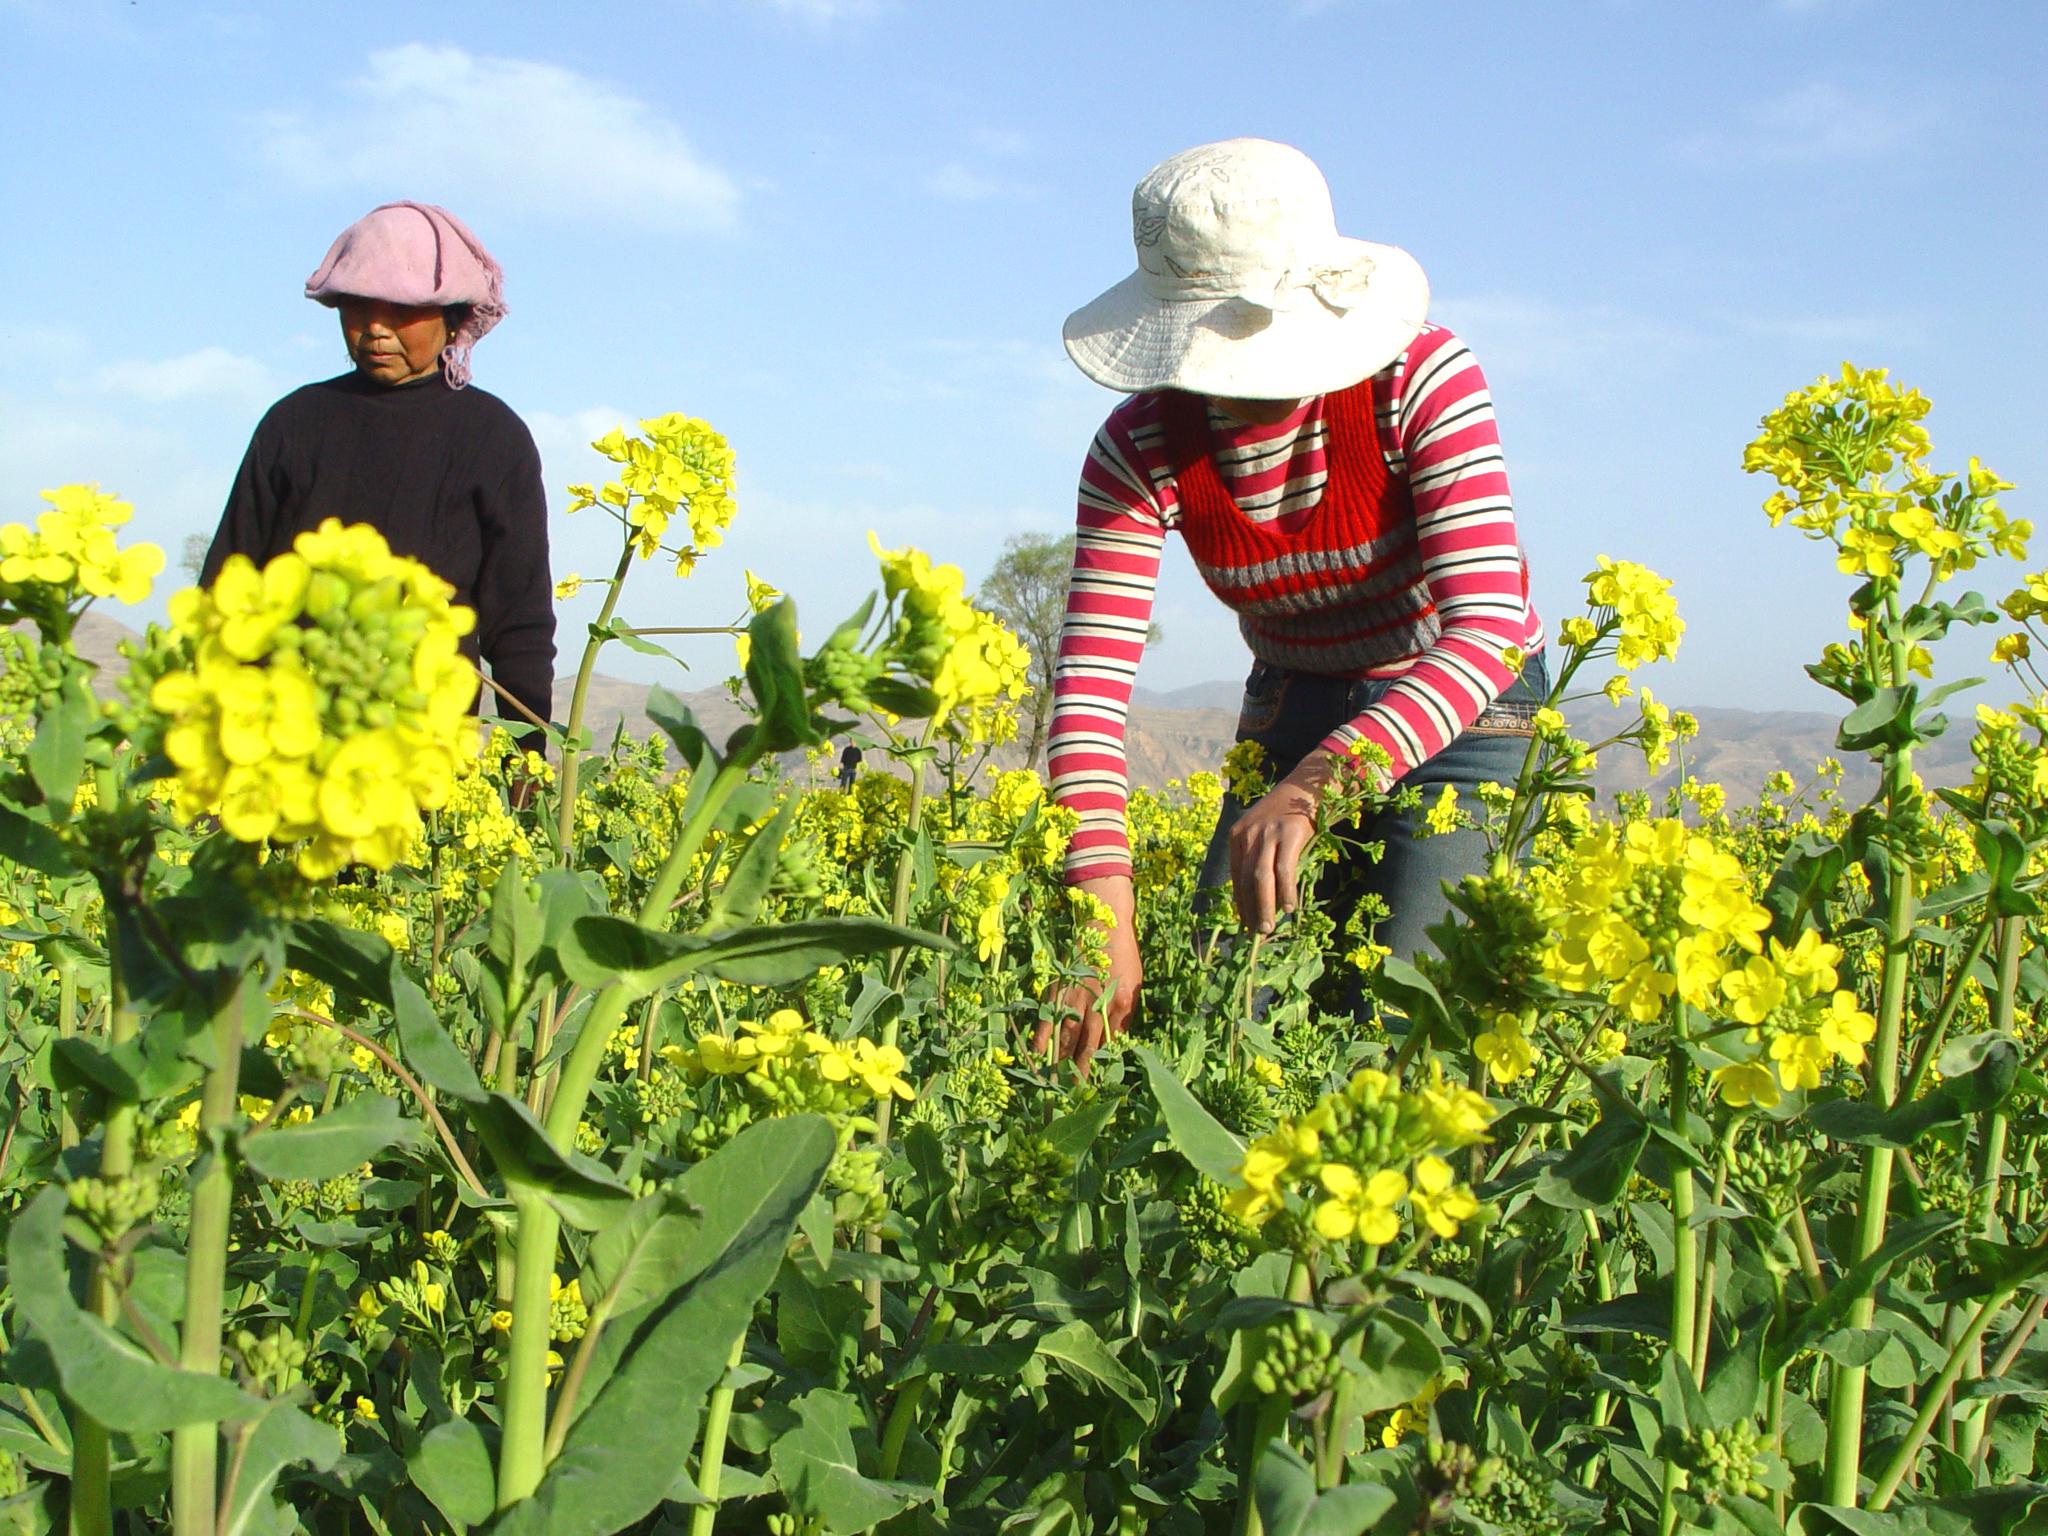 陇西 陇西县/春天的陇西乍暖还寒,但美丽的油菜花已在微风中绽开了笑容,向...